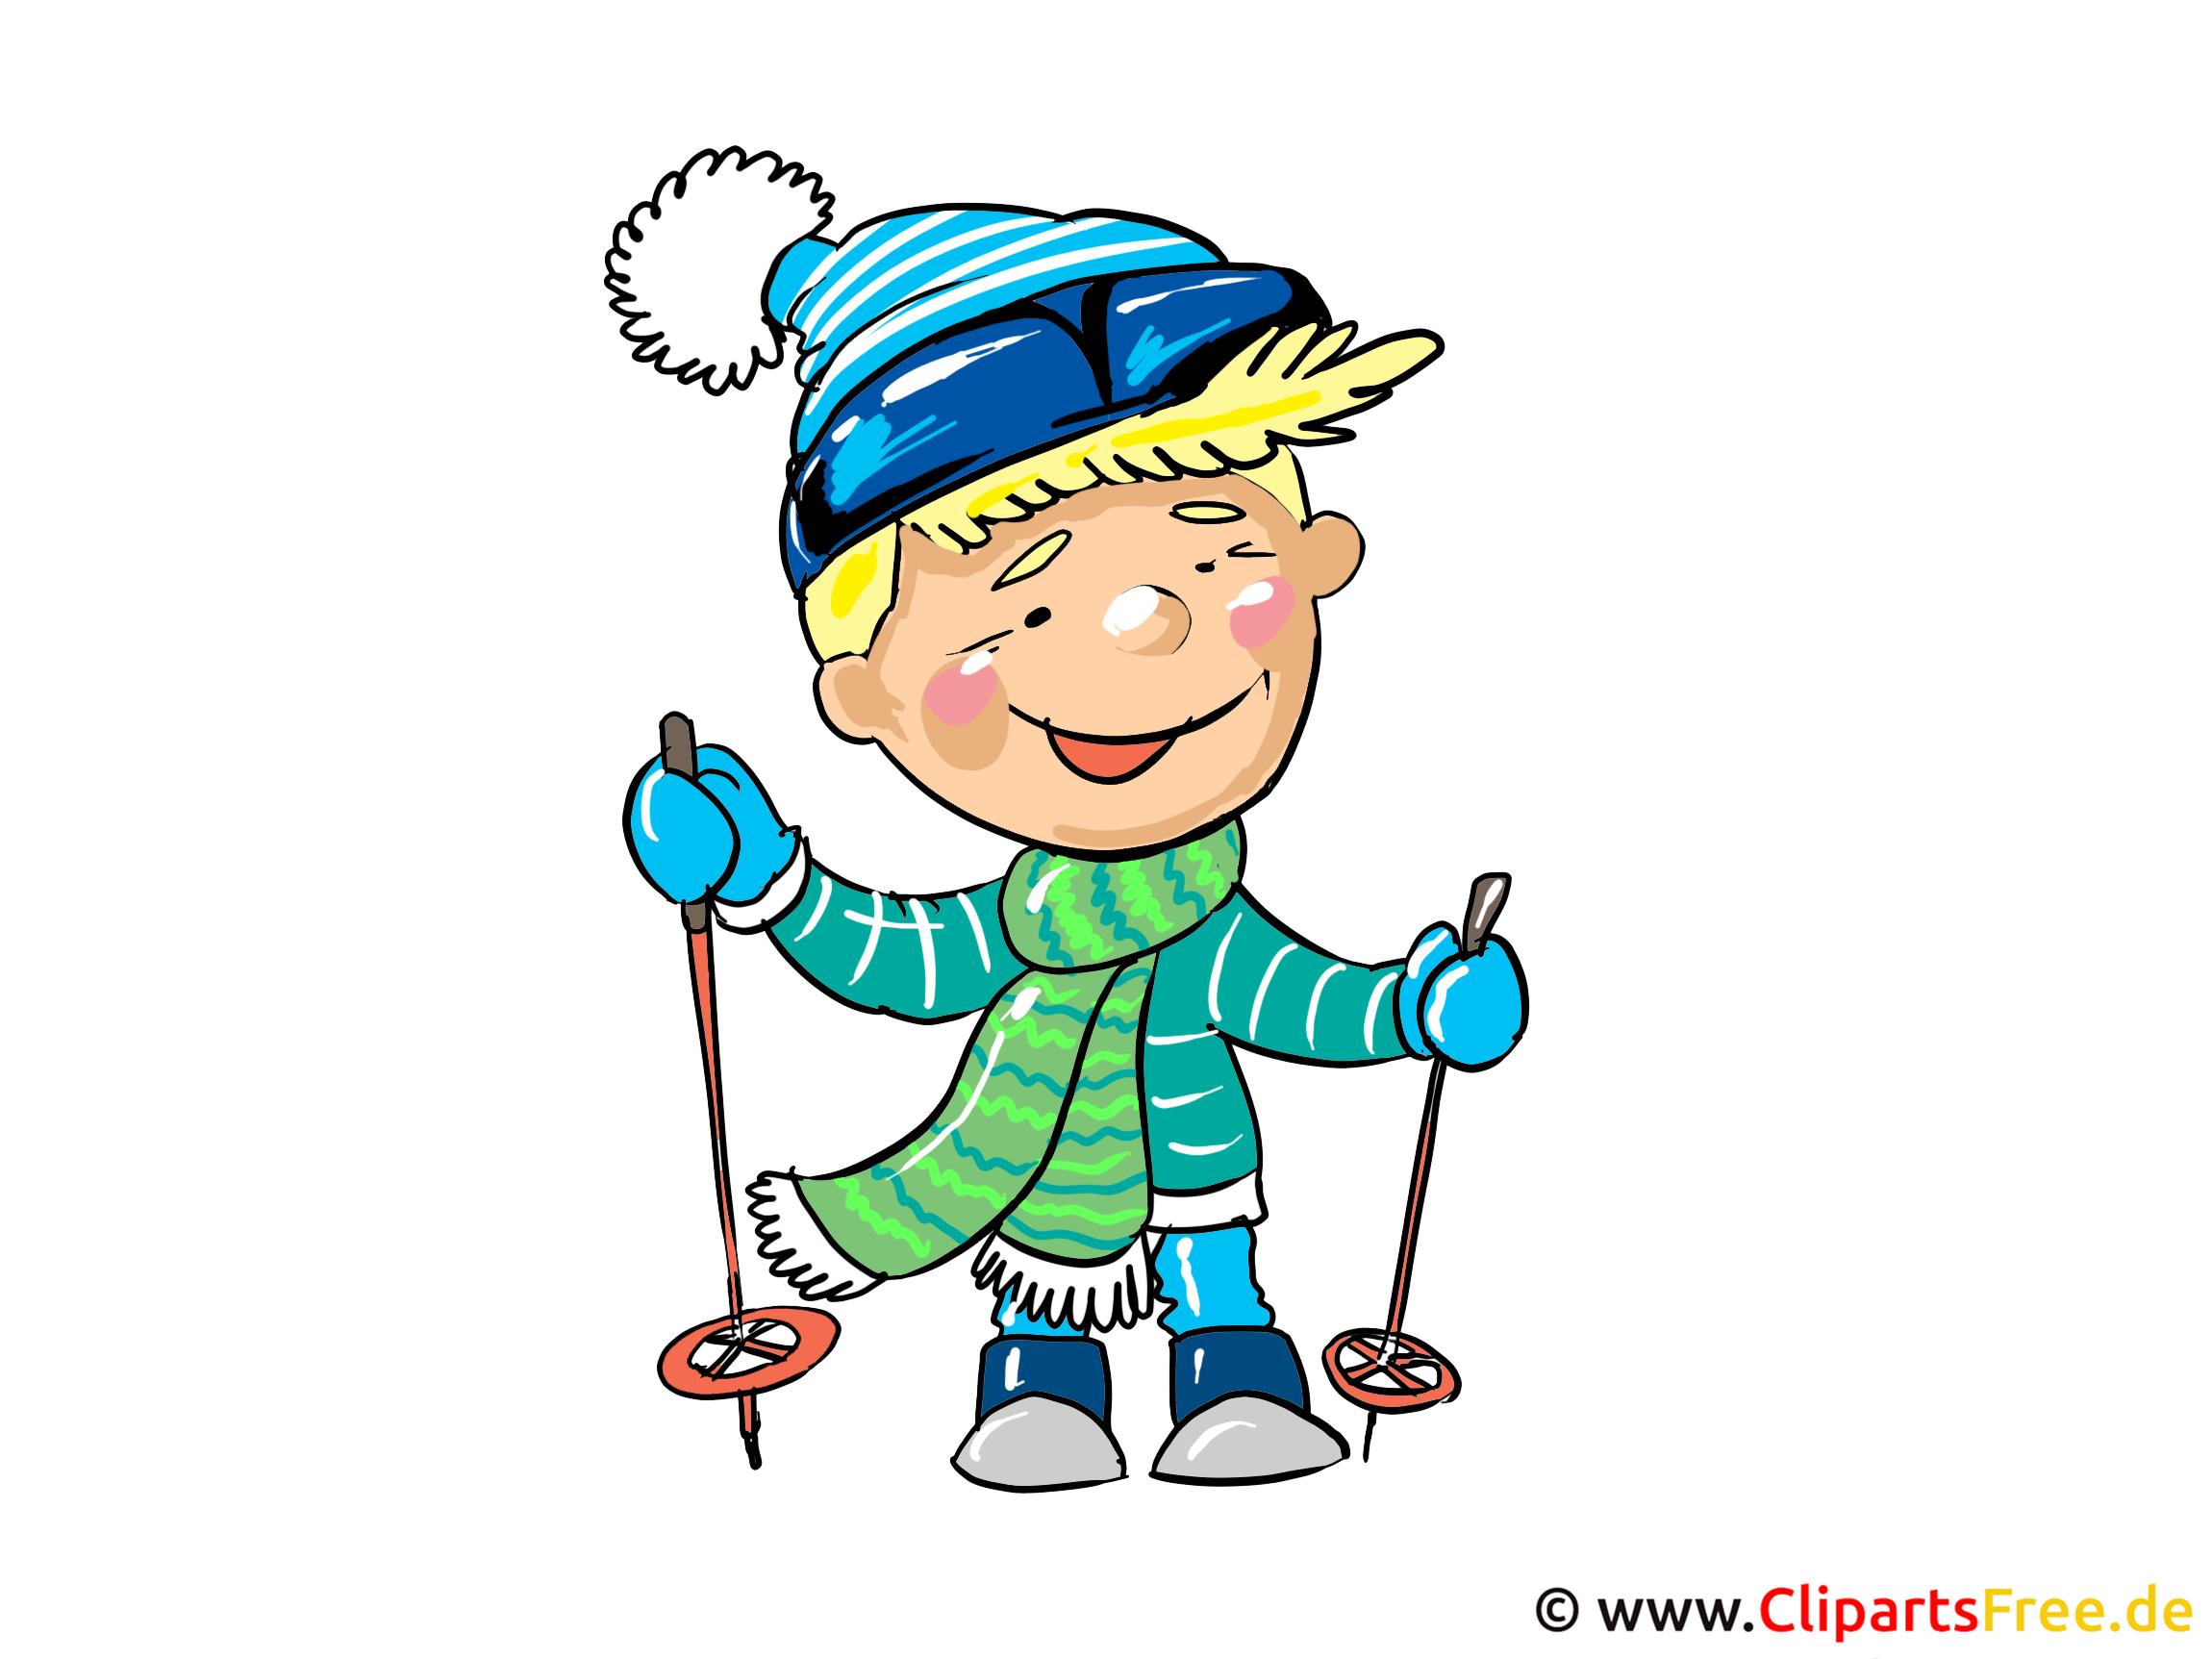 Skifahrer Clipart, Bild, Cartoon, Illustration kostenlos  Skifahrer Clipa...